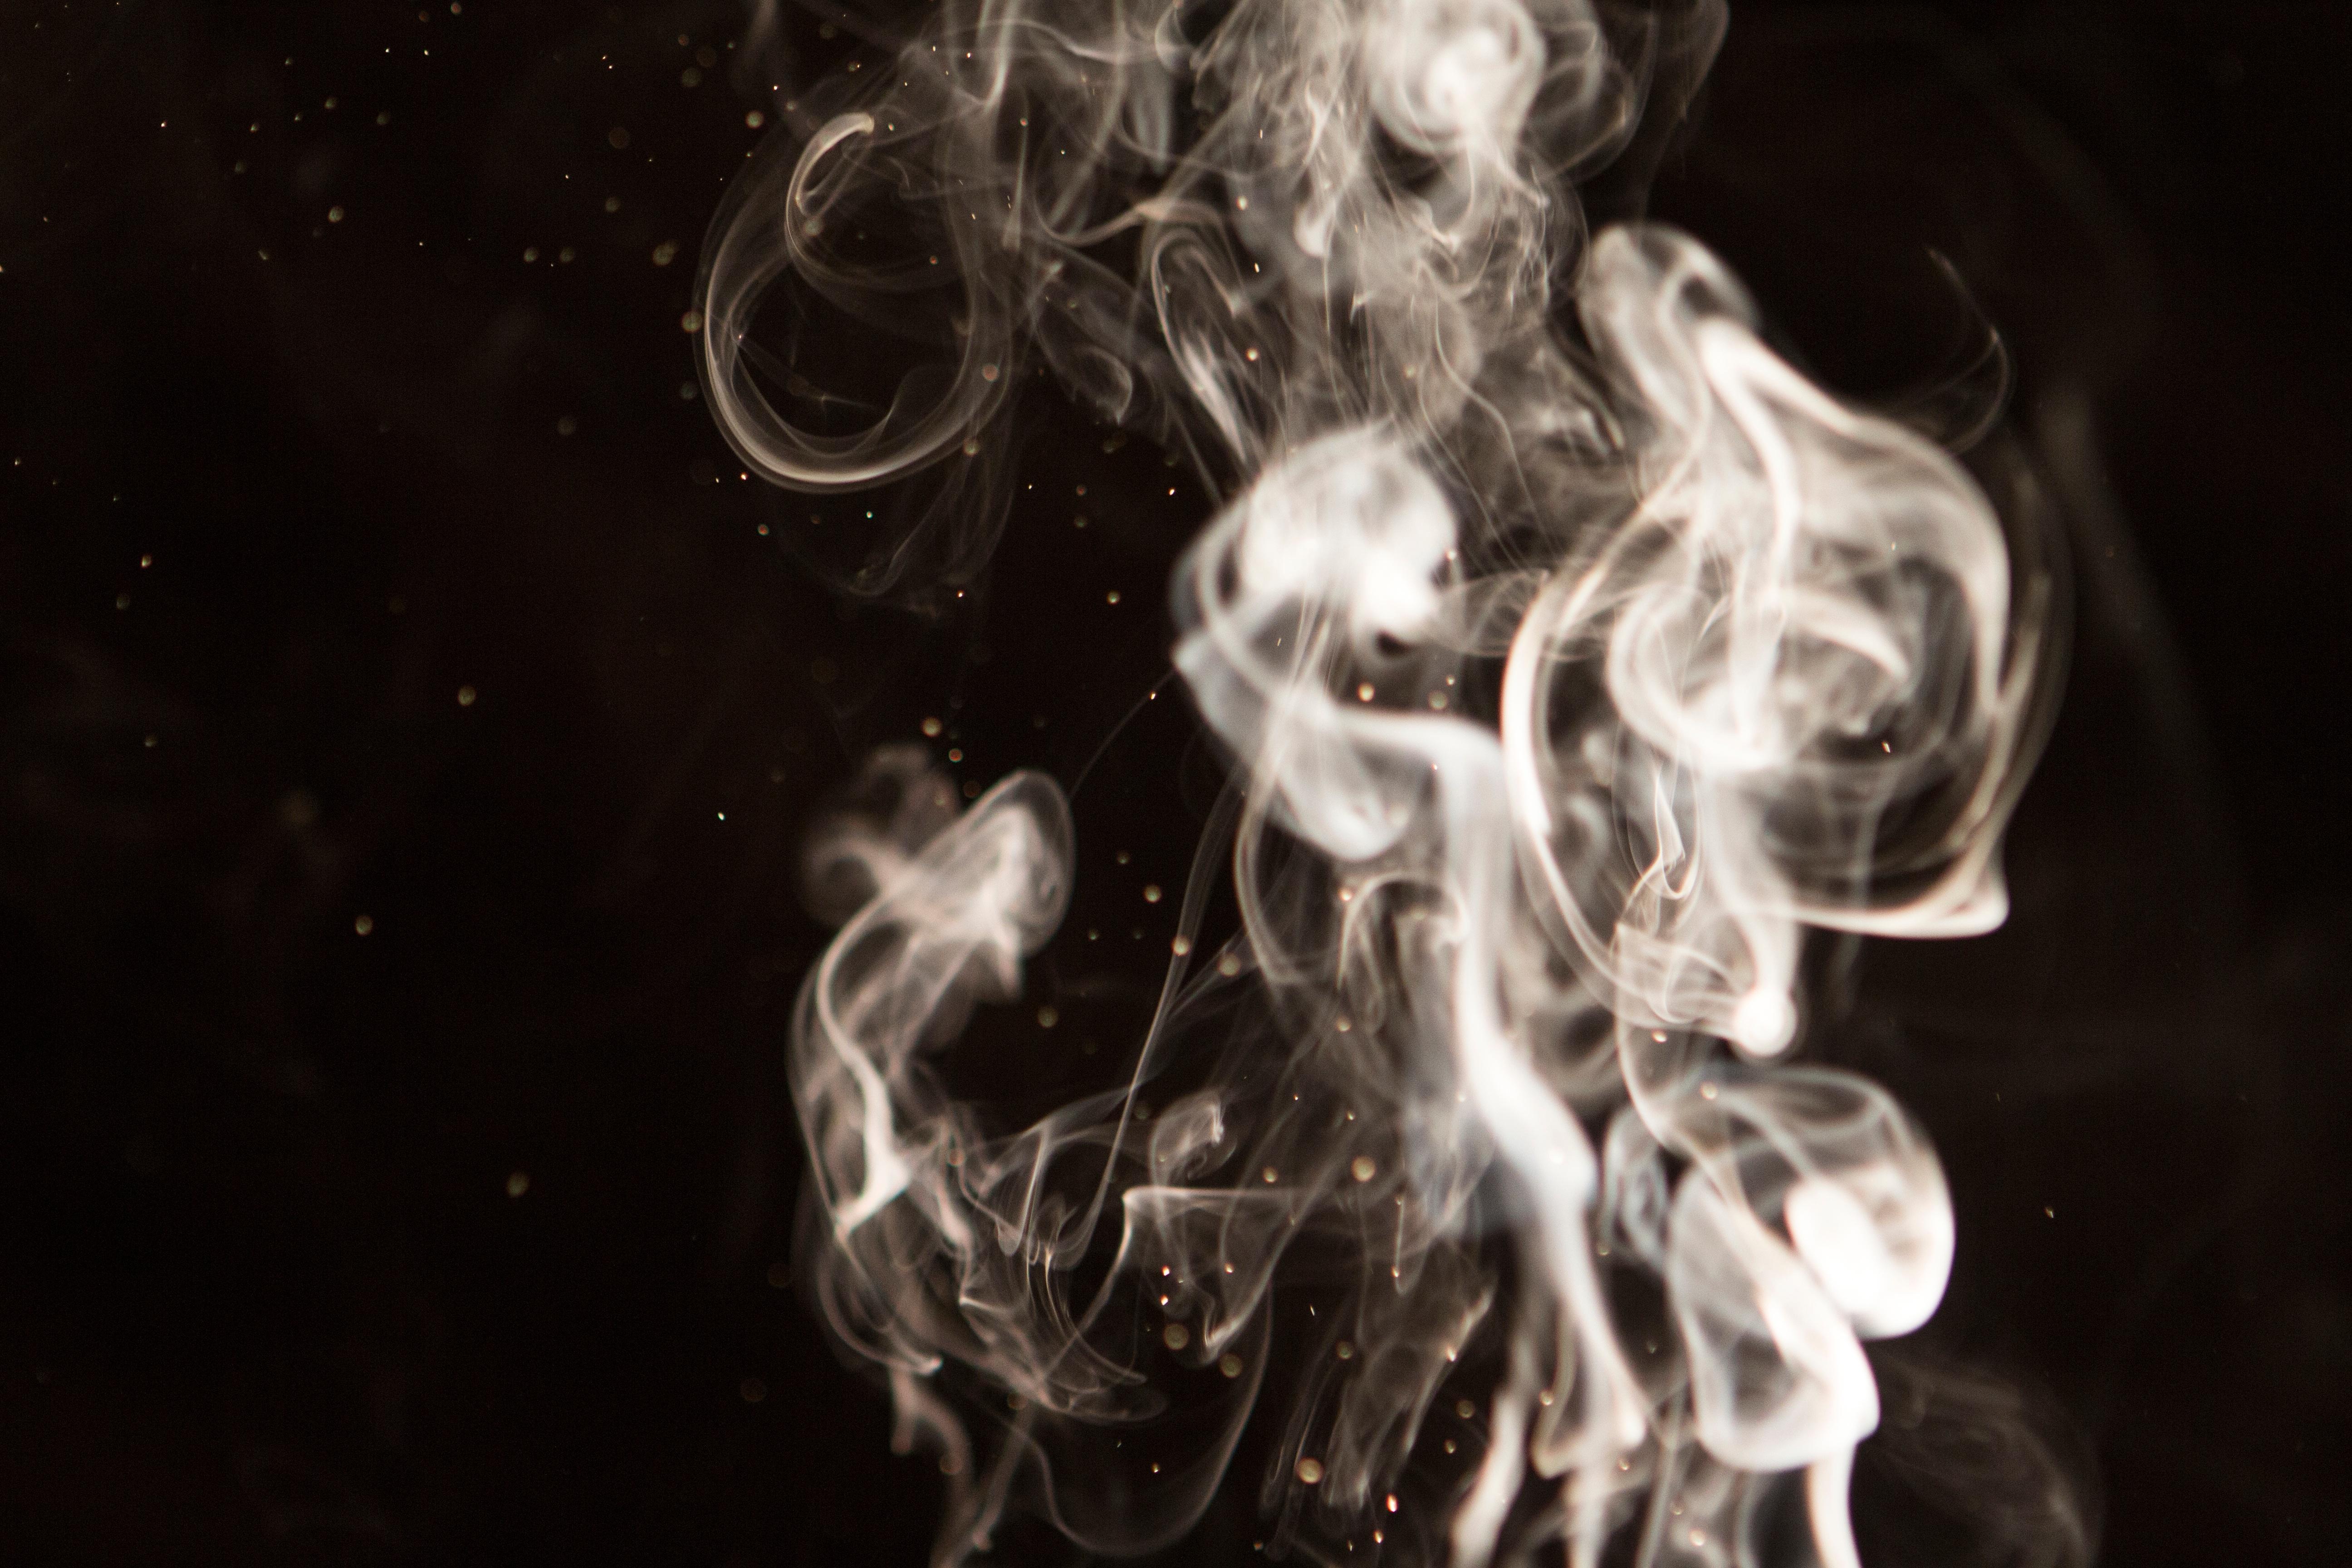 считать, что дым фото картинки эту поделку, глядя